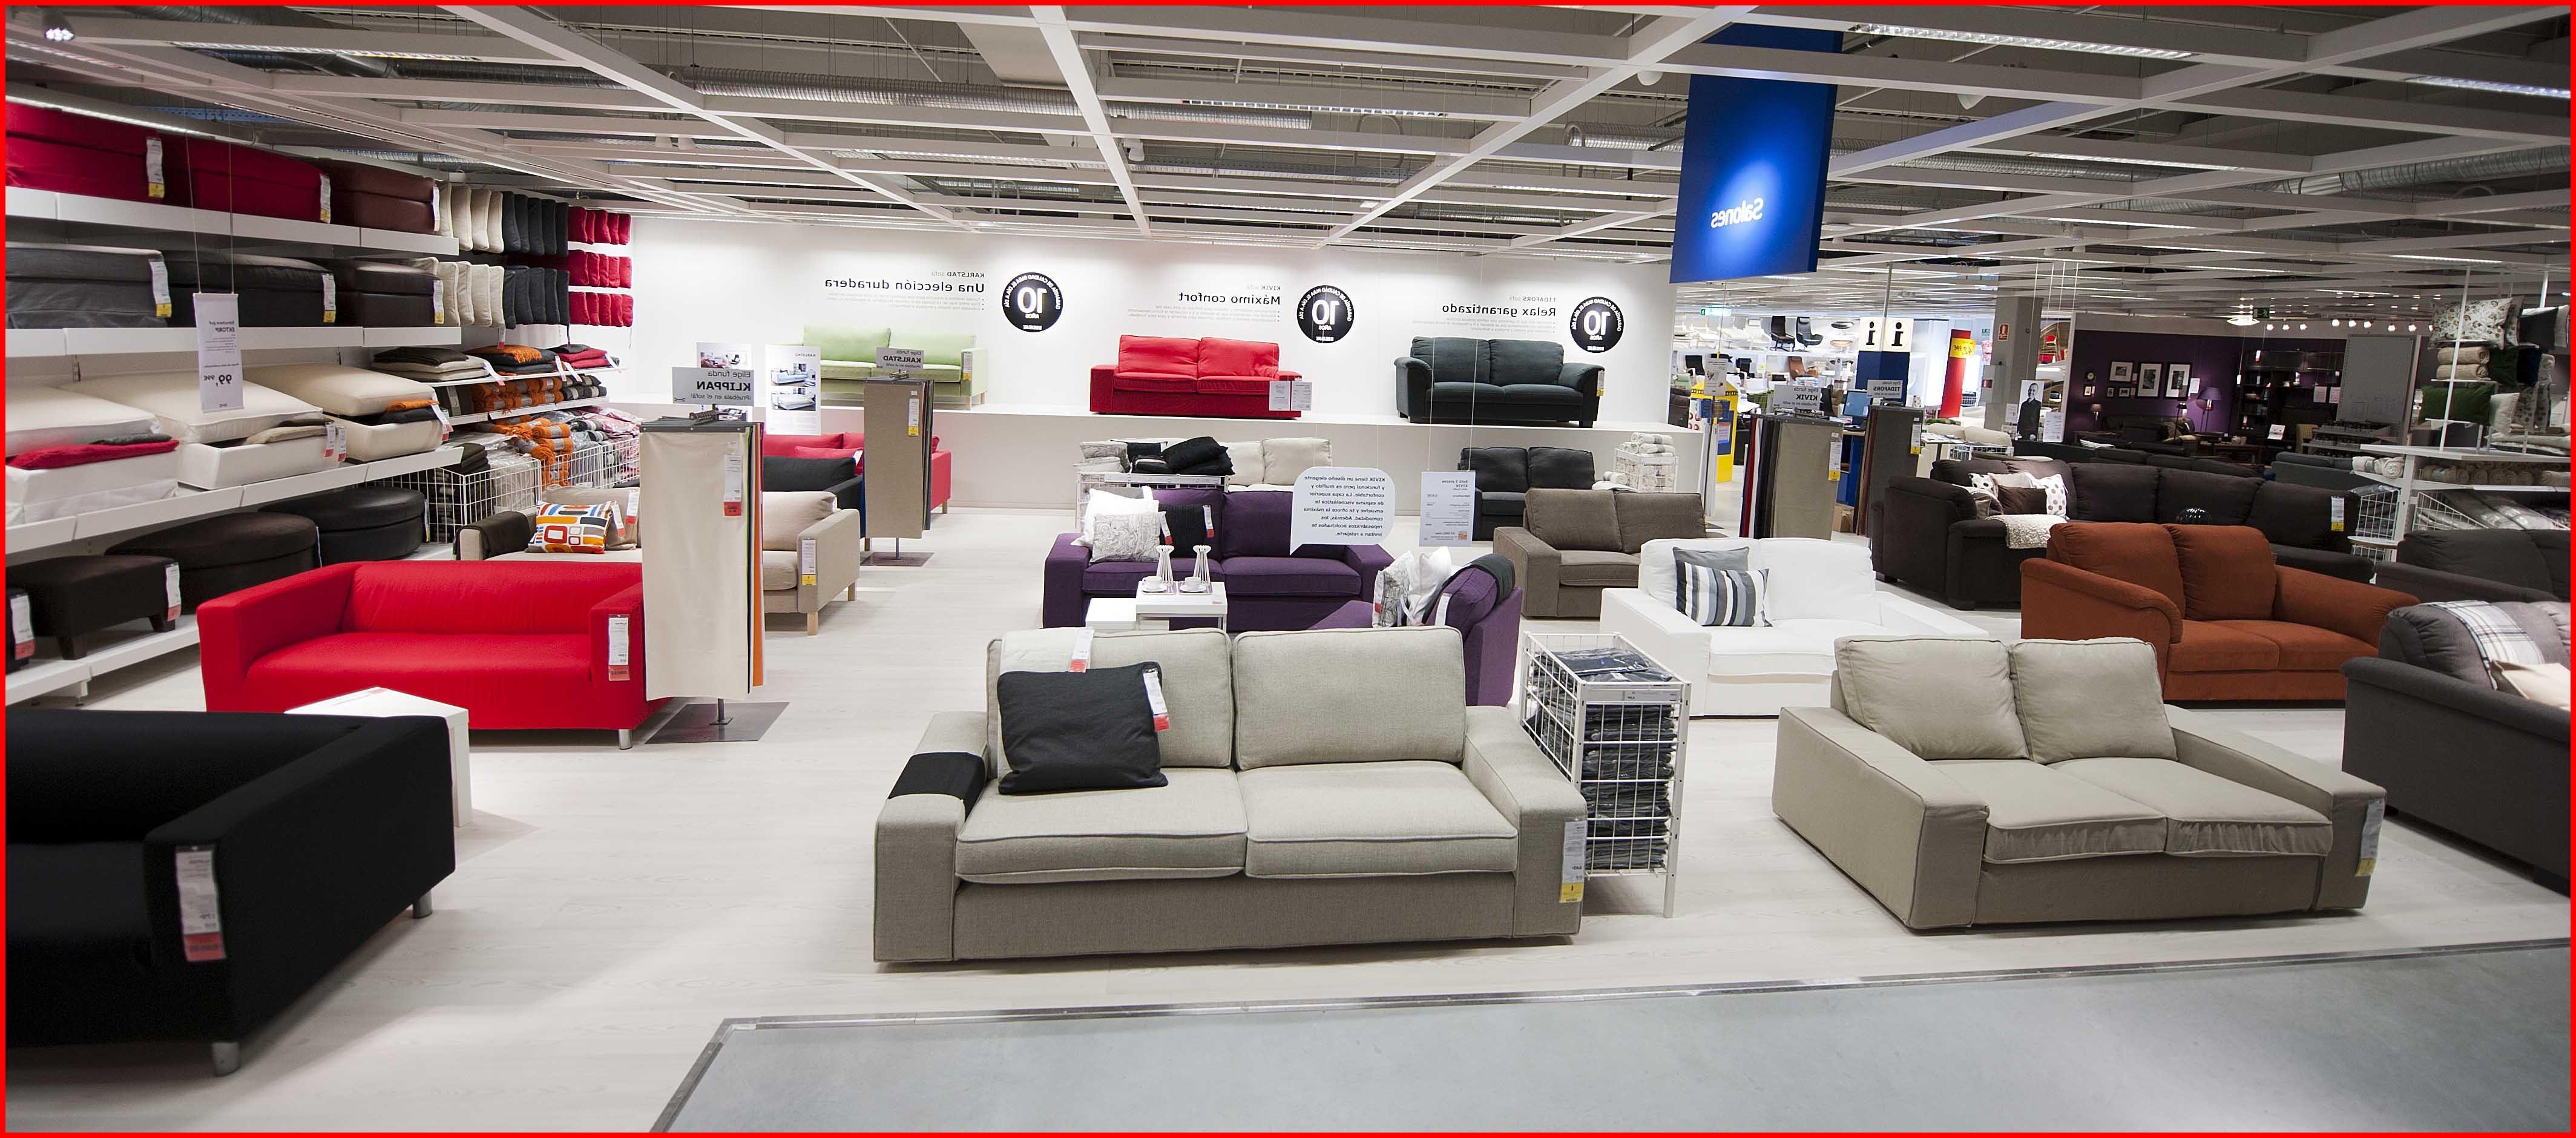 Muebles Huelva Gdd0 Tiendas De Muebles Huelva Ikea Redecora Su Negocio Se Abre A